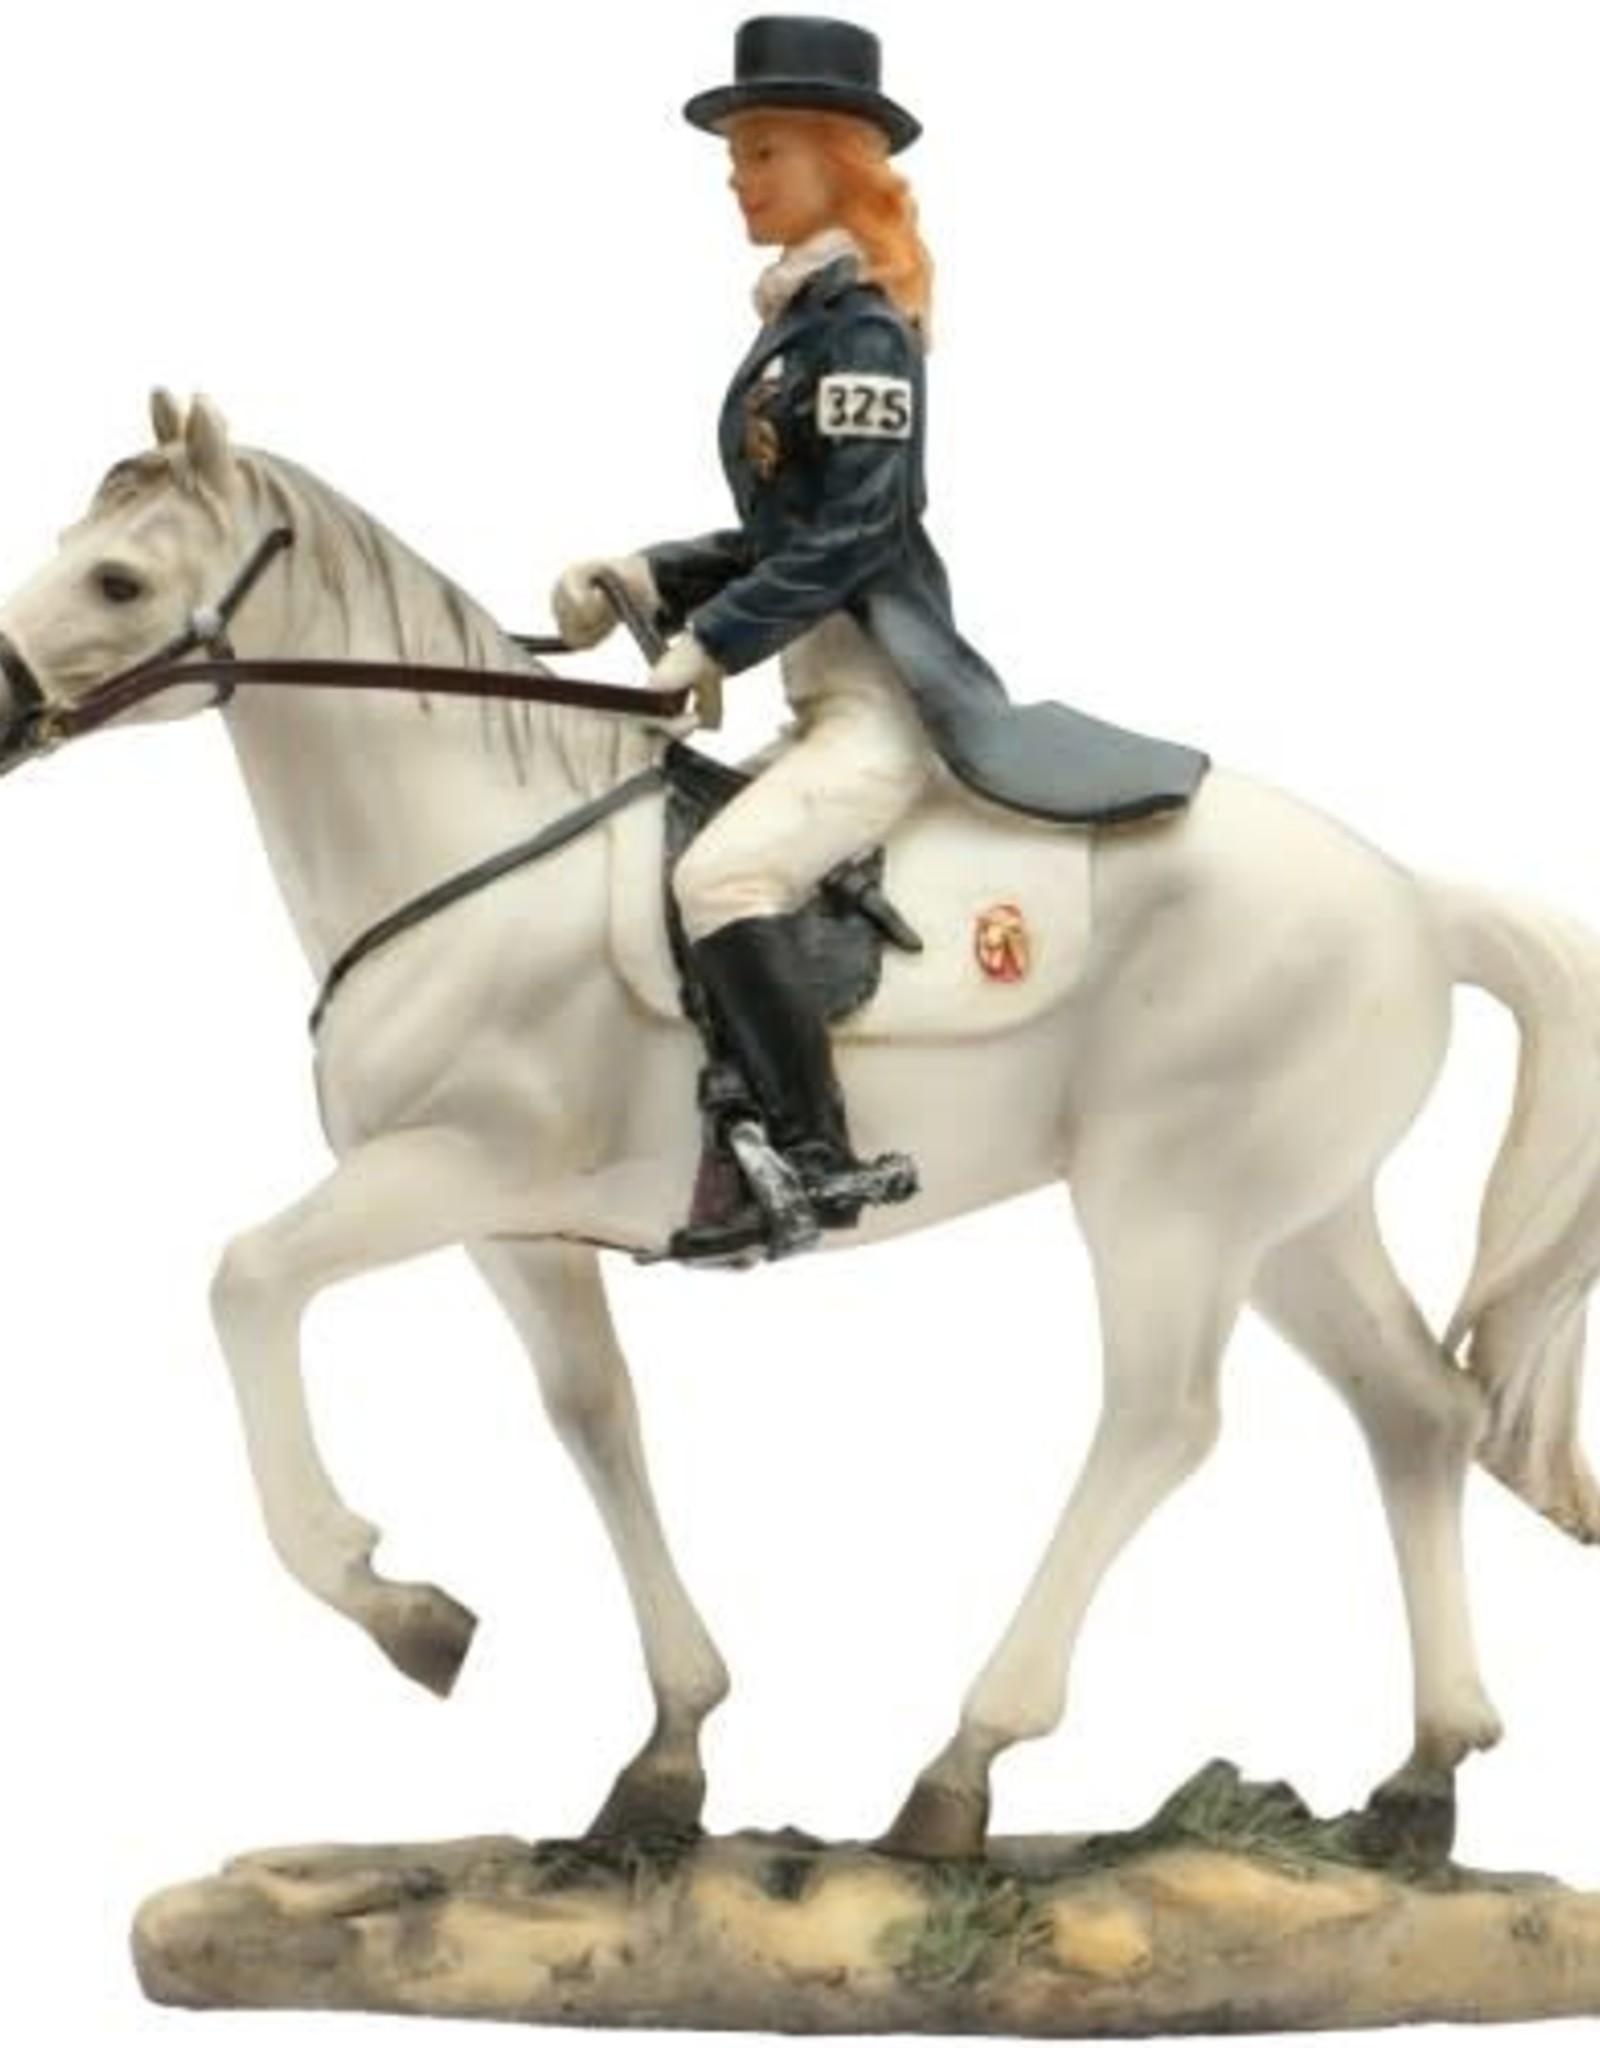 Resin Dressage Horse Model 20cm x 17cm